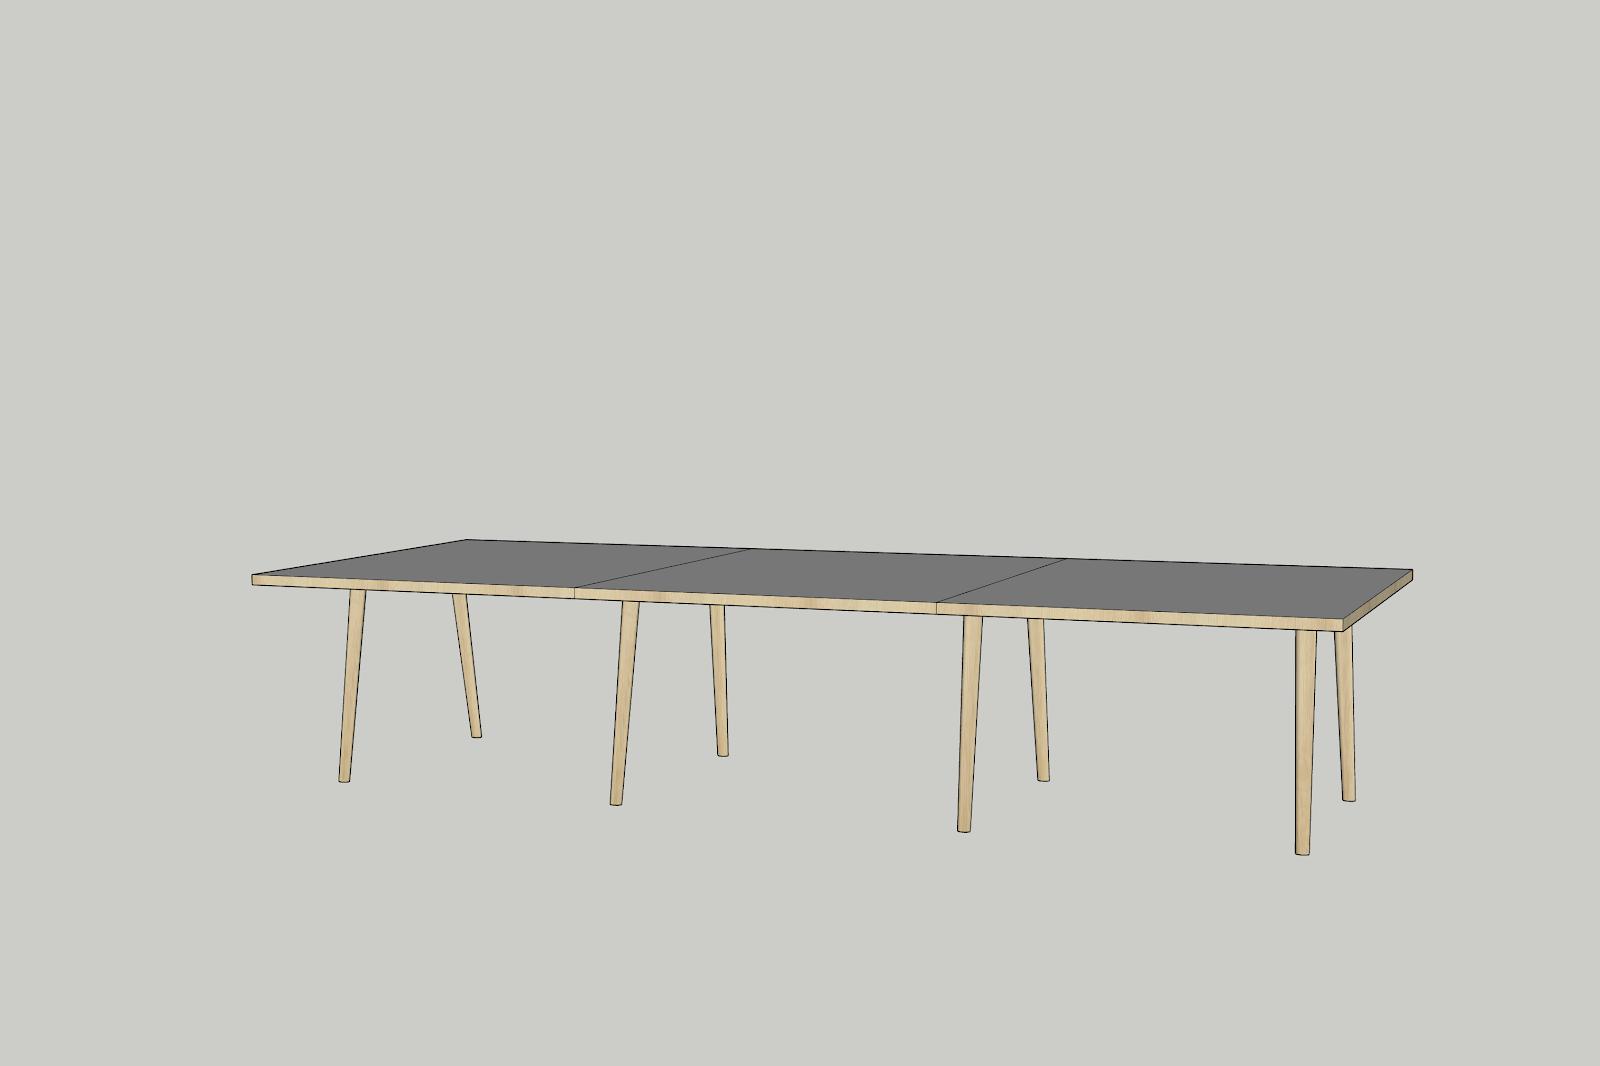 Çalışma Alanları İçin Mobilya Tasarımı: Danimarka Tarzı 9